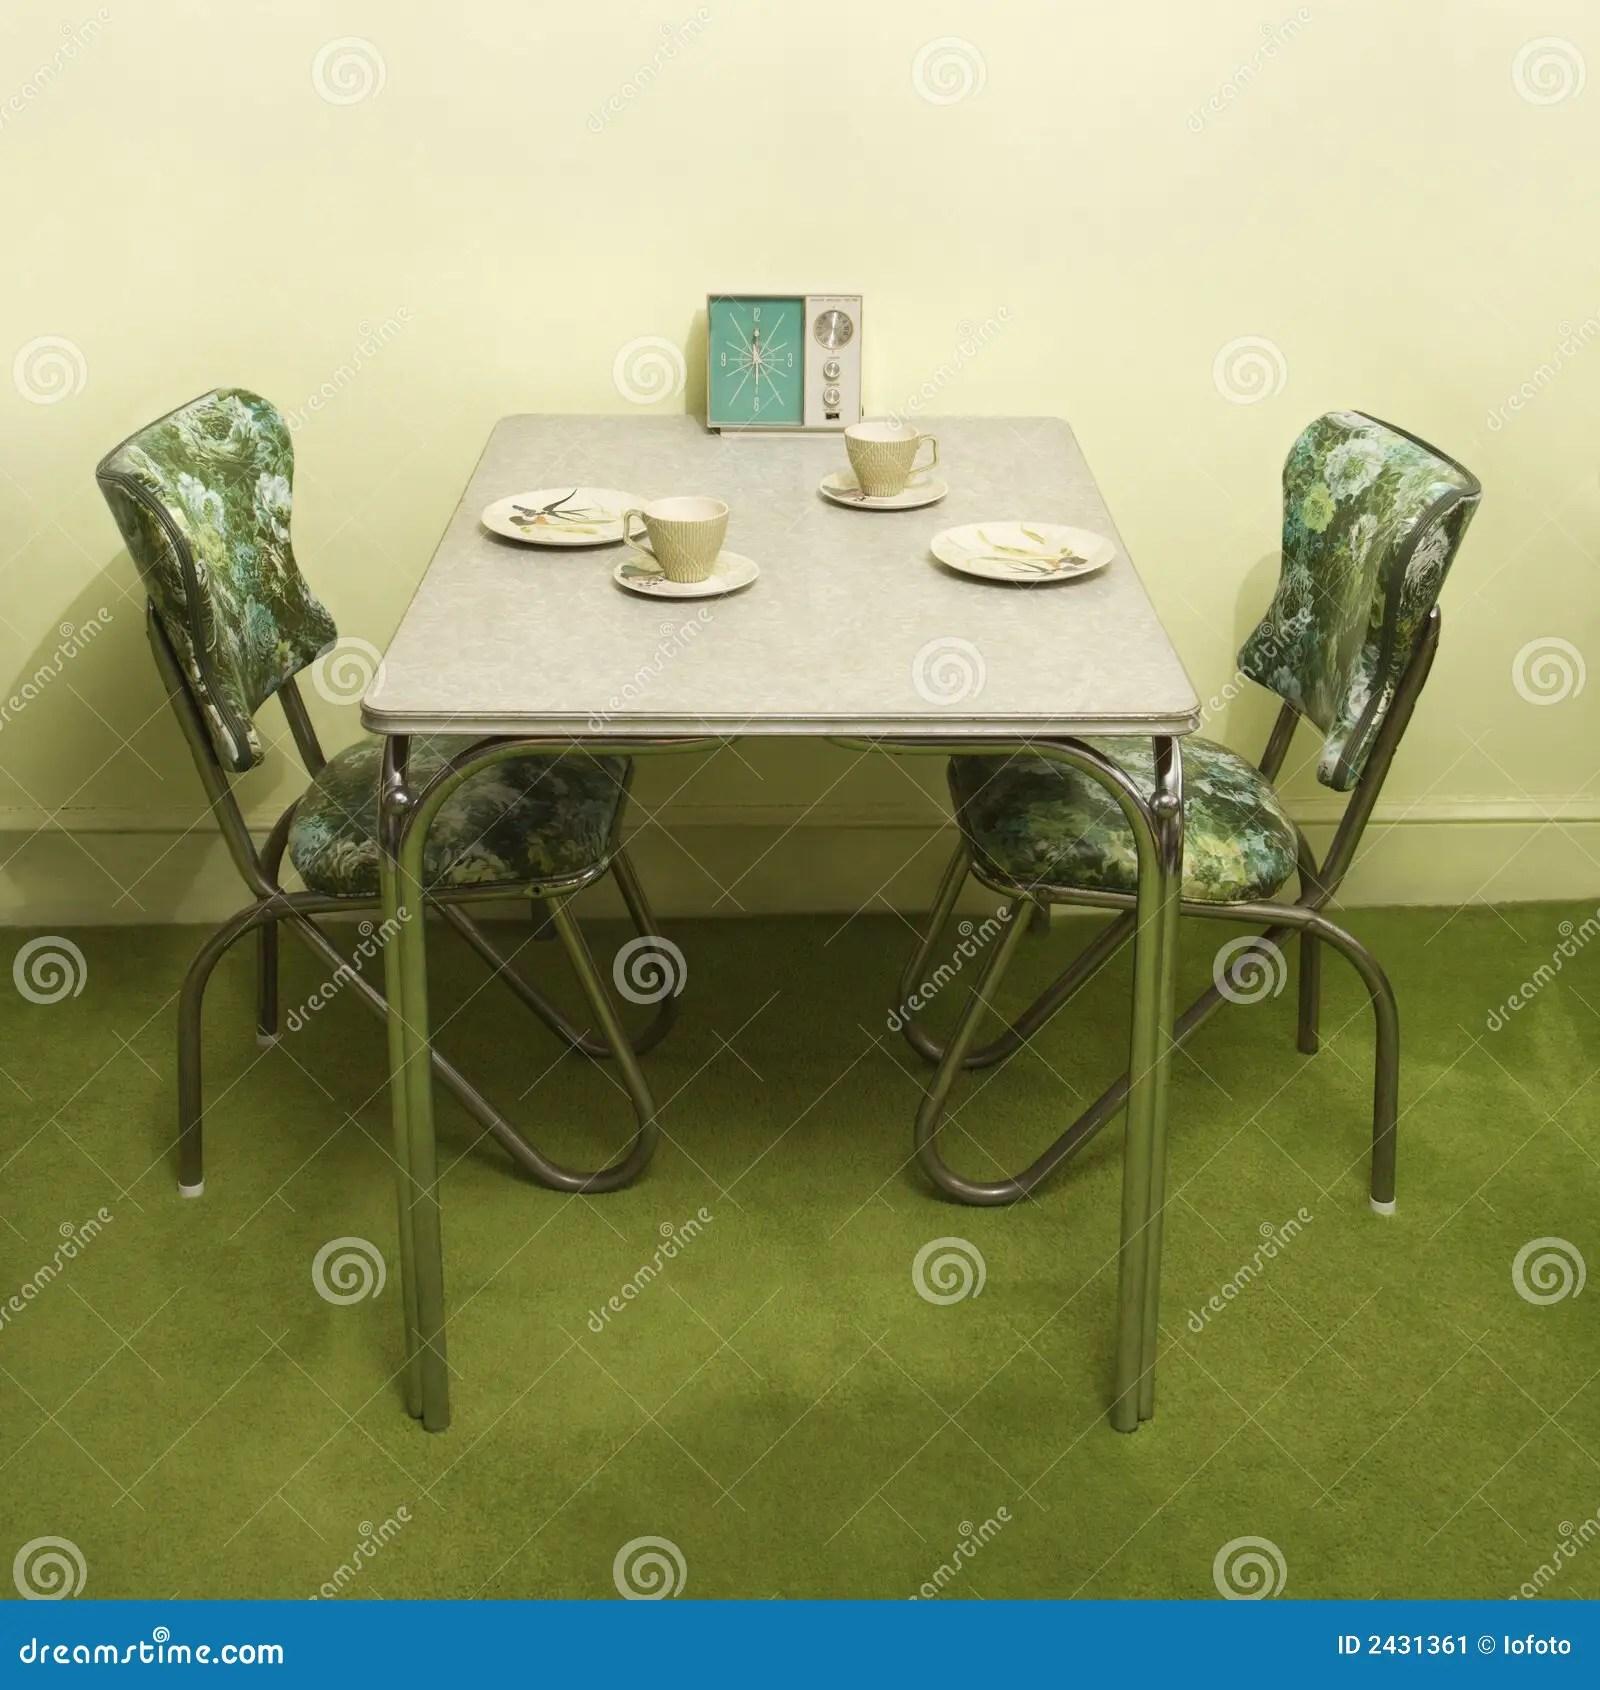 Vintage Kitchen Dinette Set Stock Image  Image 2431361